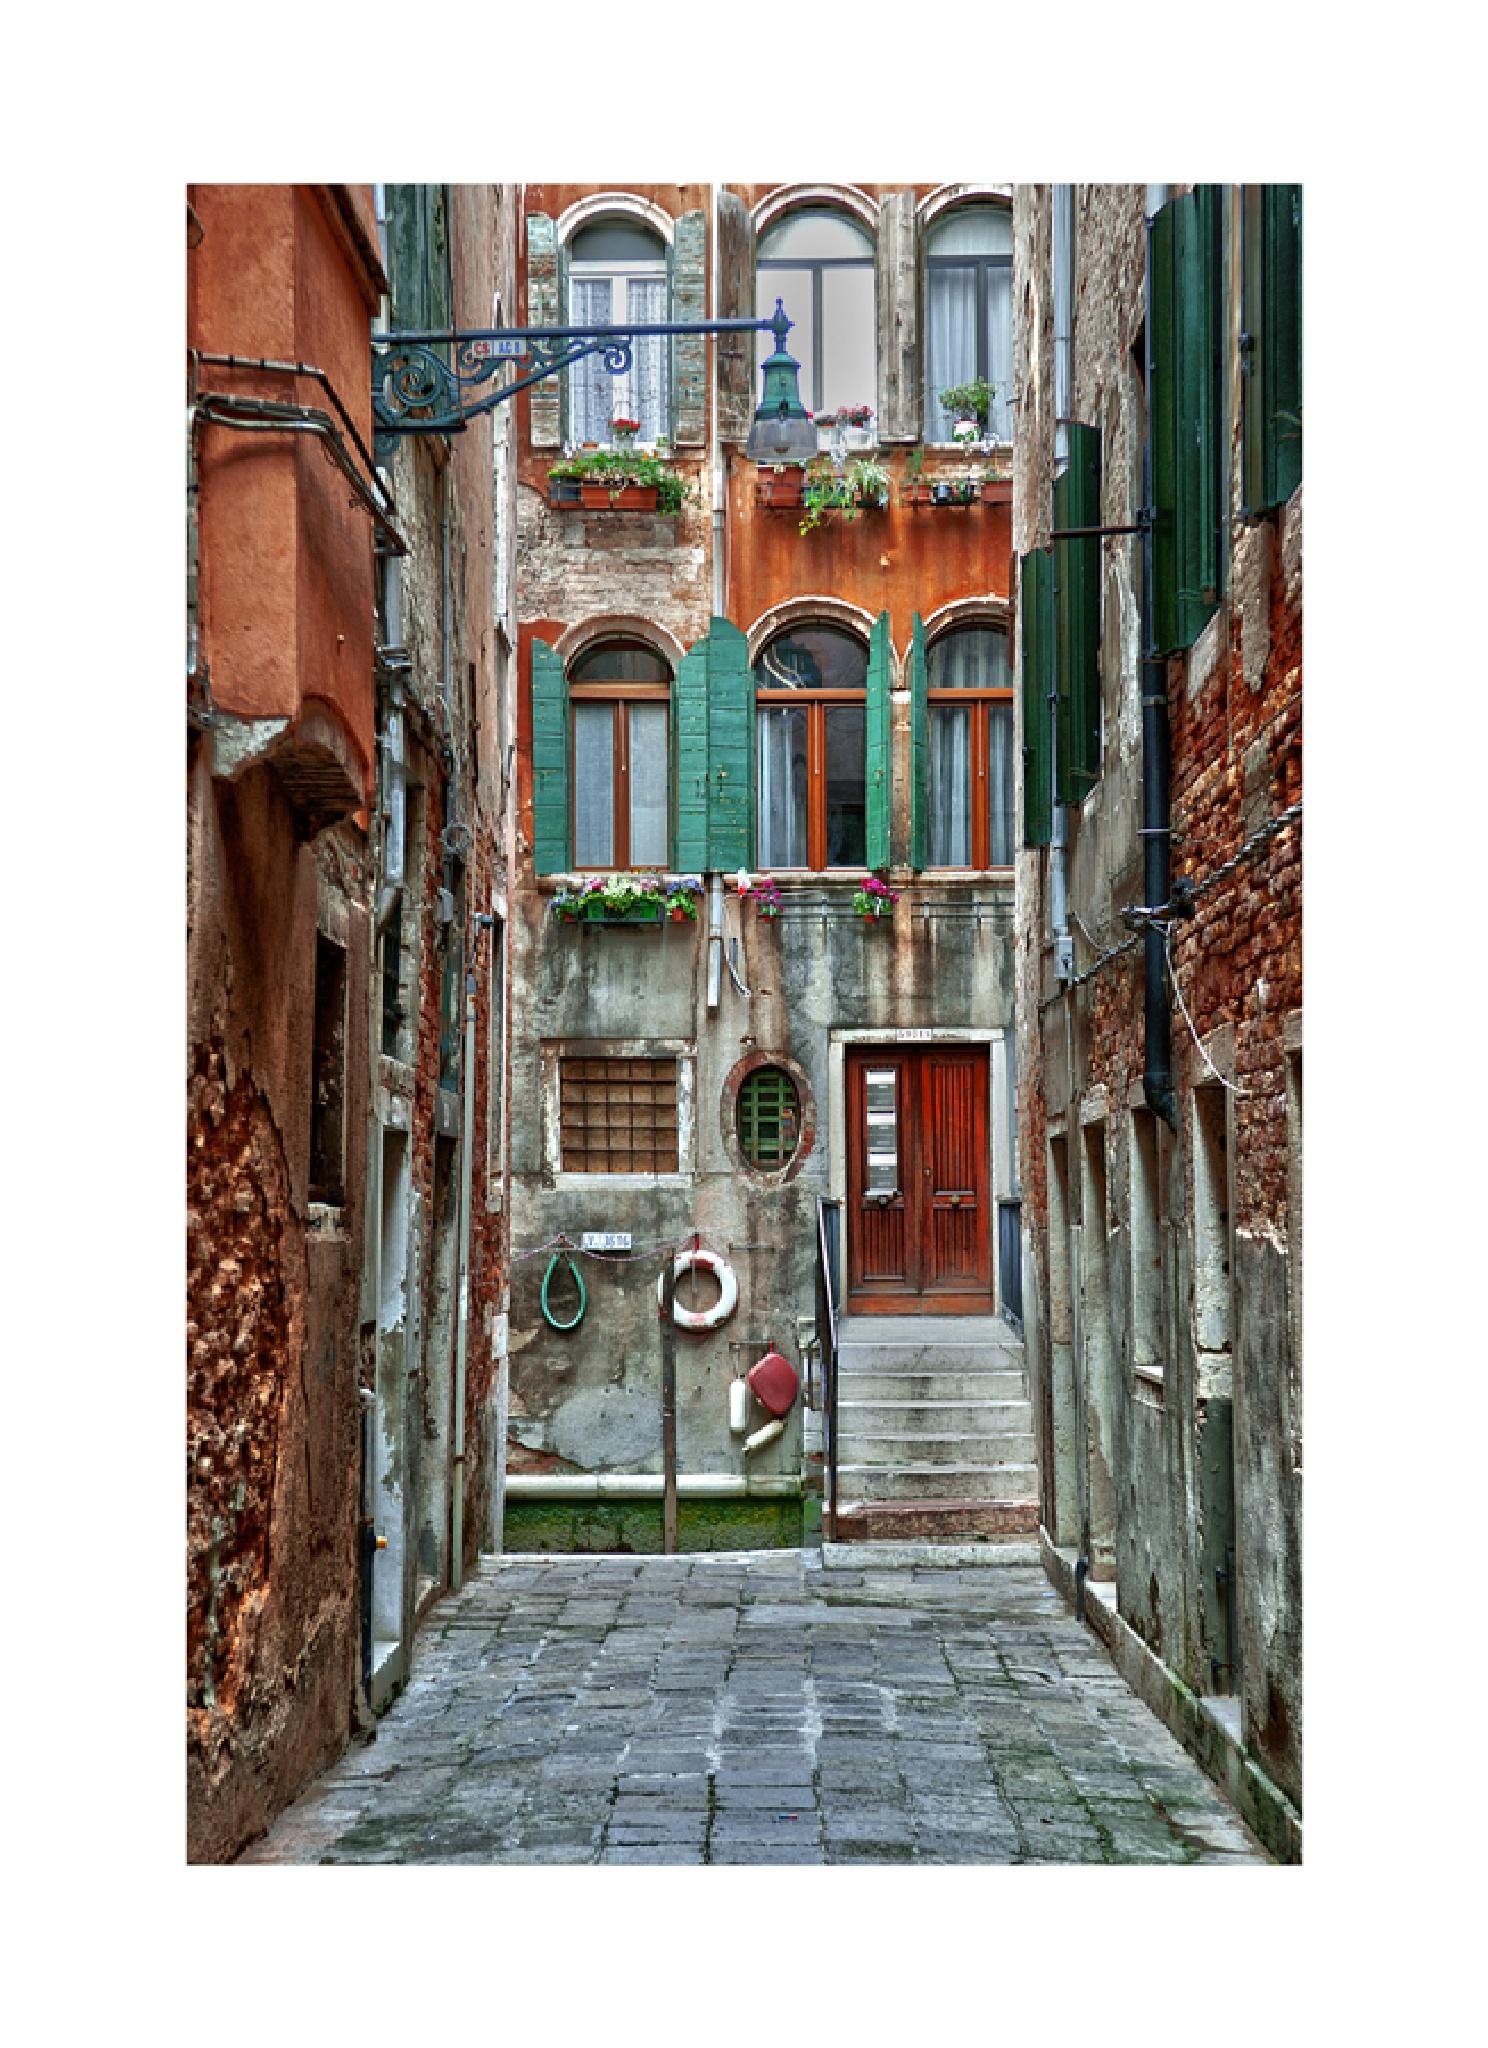 Veneza by DorivalMoreira